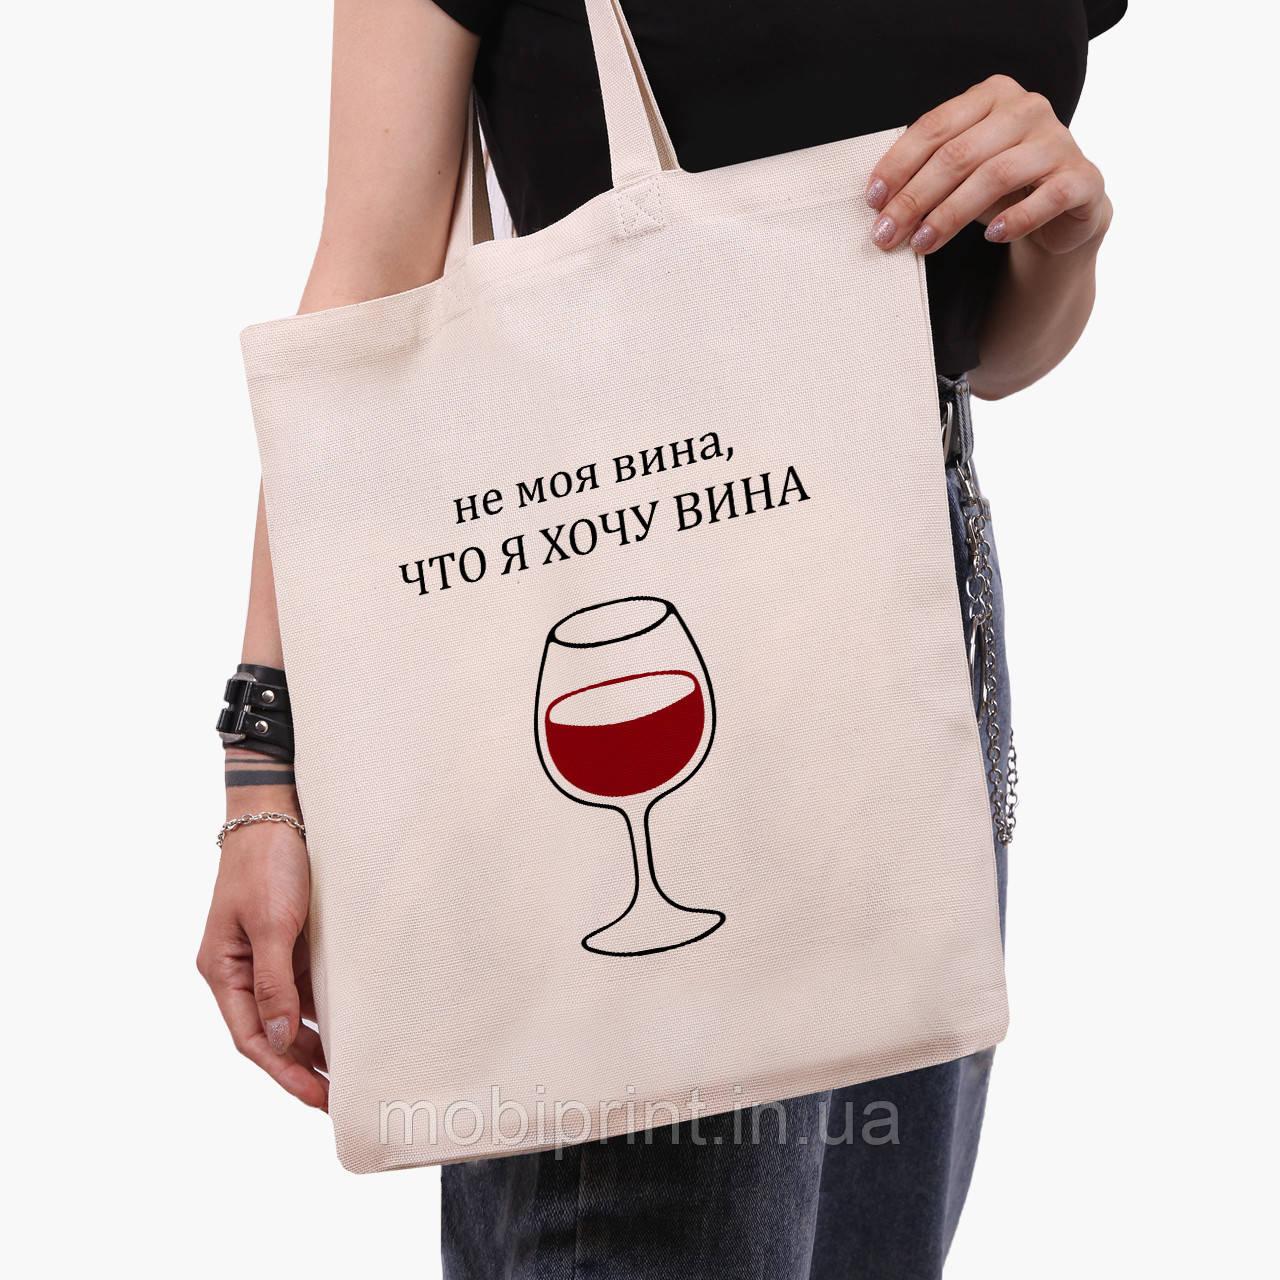 Эко сумка шоппер Не моя вина, что я хочу вина (9227-1783) экосумка шопер 41*35 см